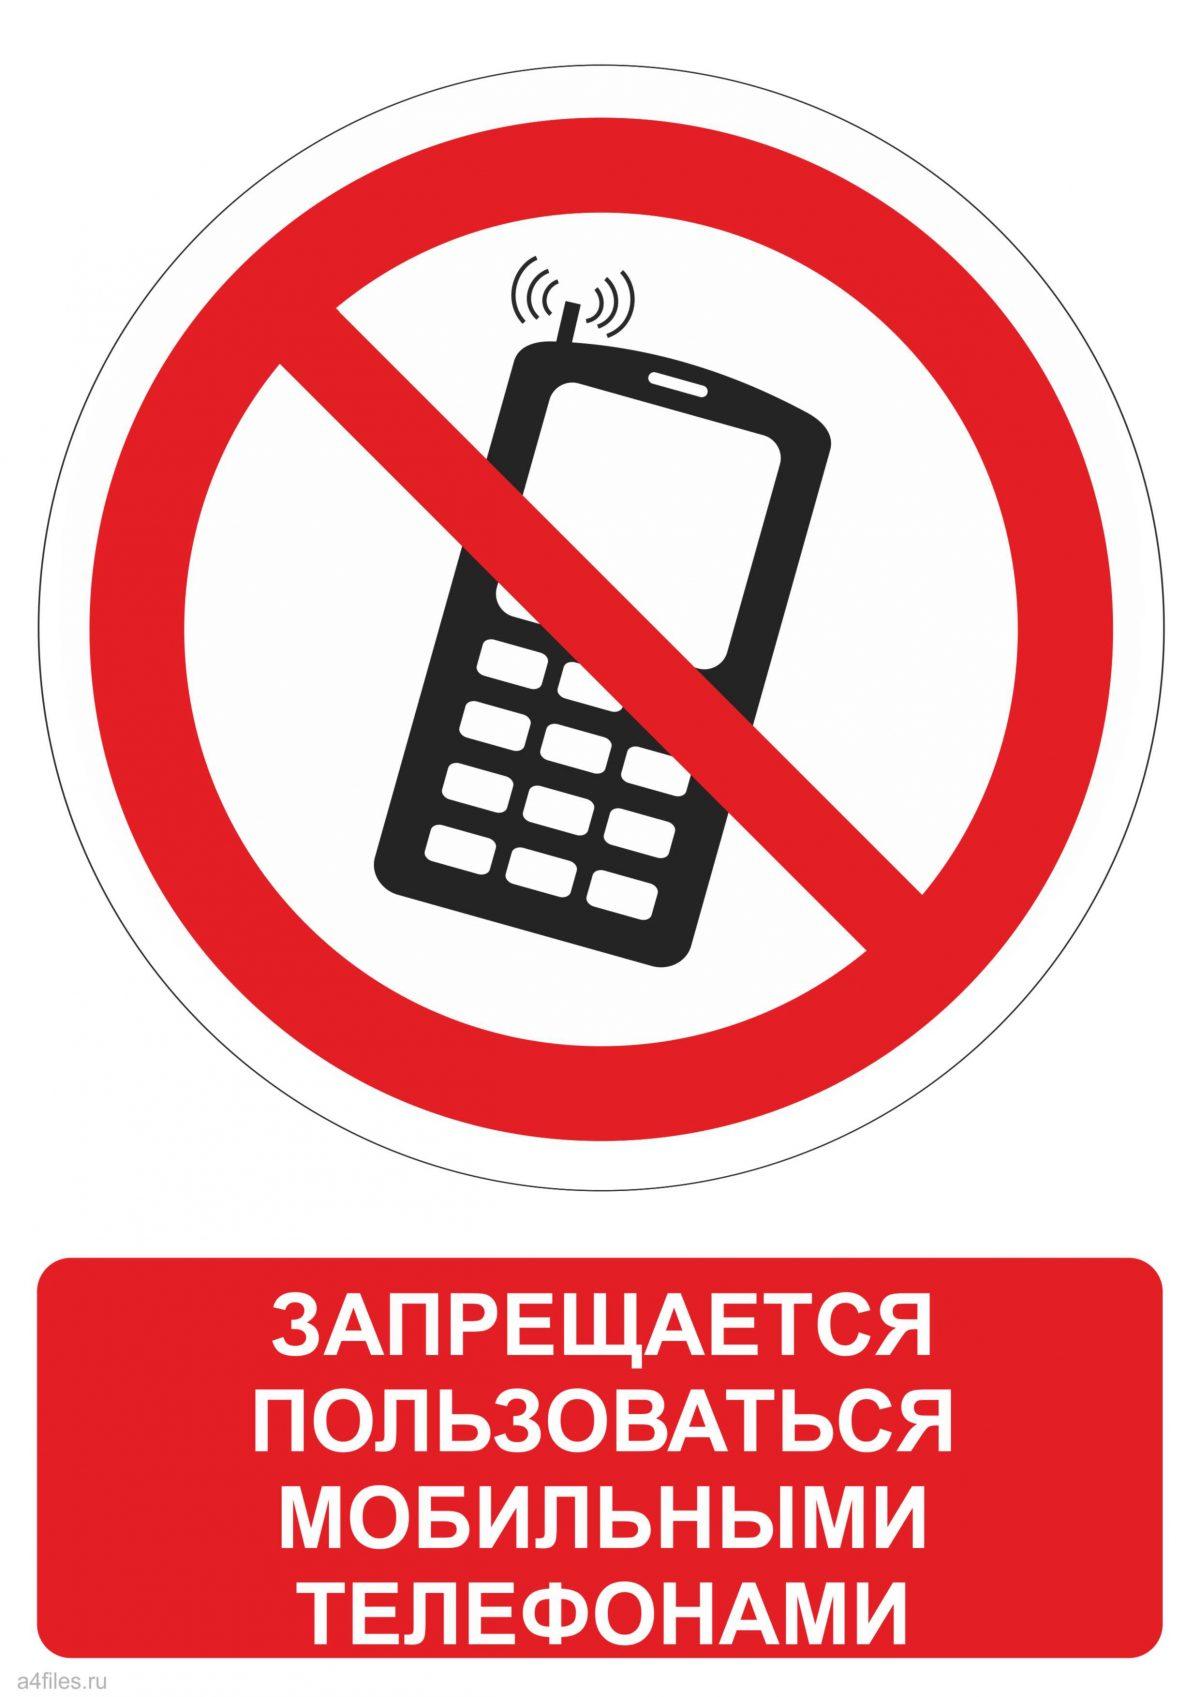 Знак запрещающий пользоваться мобильными телефонами скачать